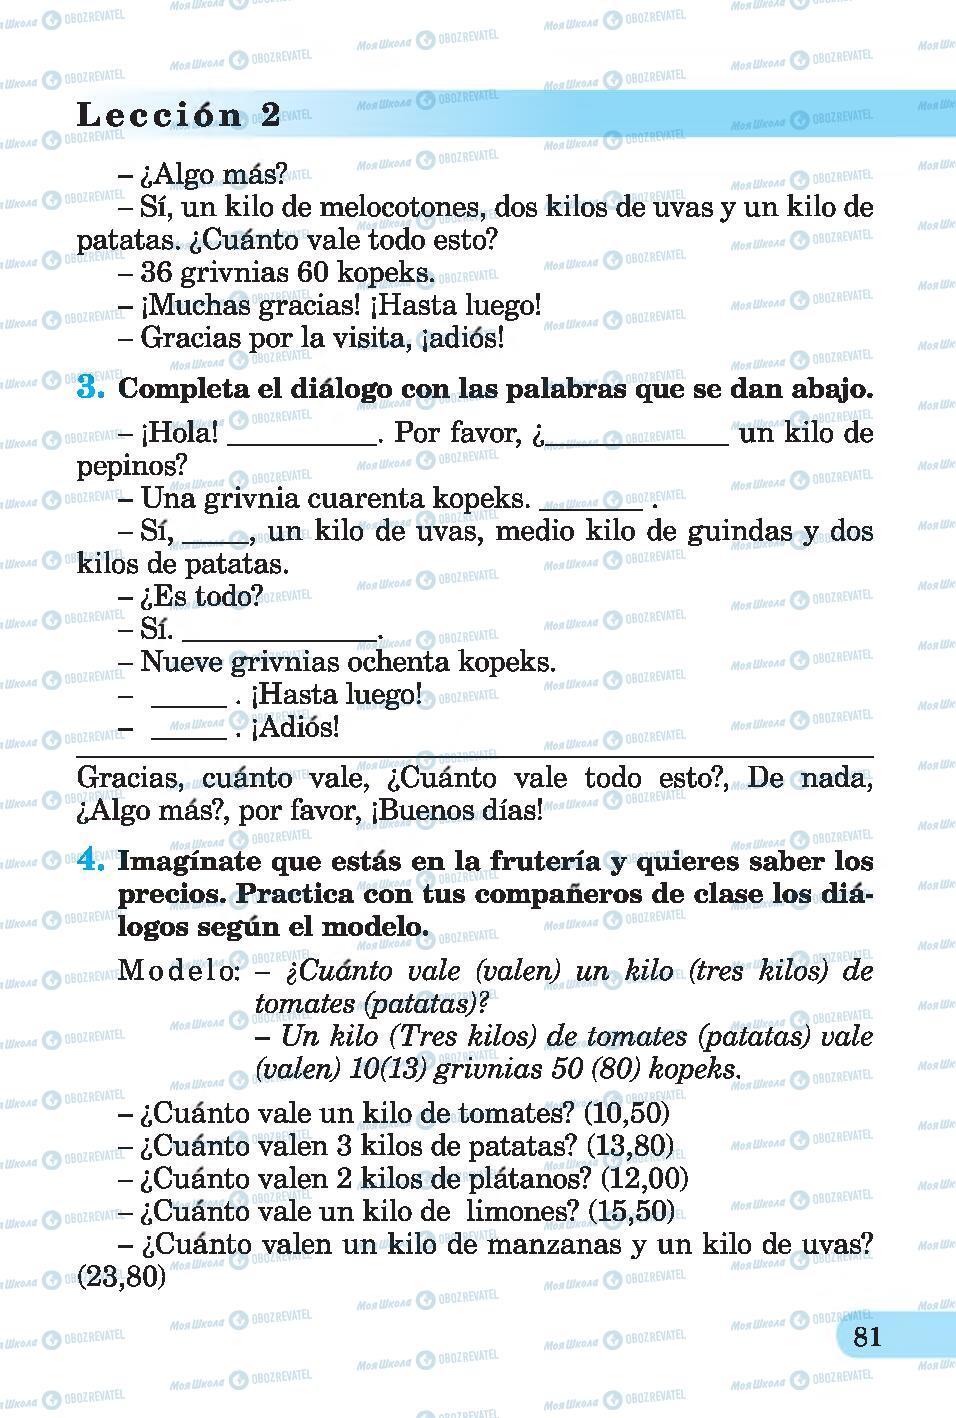 Підручники Іспанська мова 4 клас сторінка 81